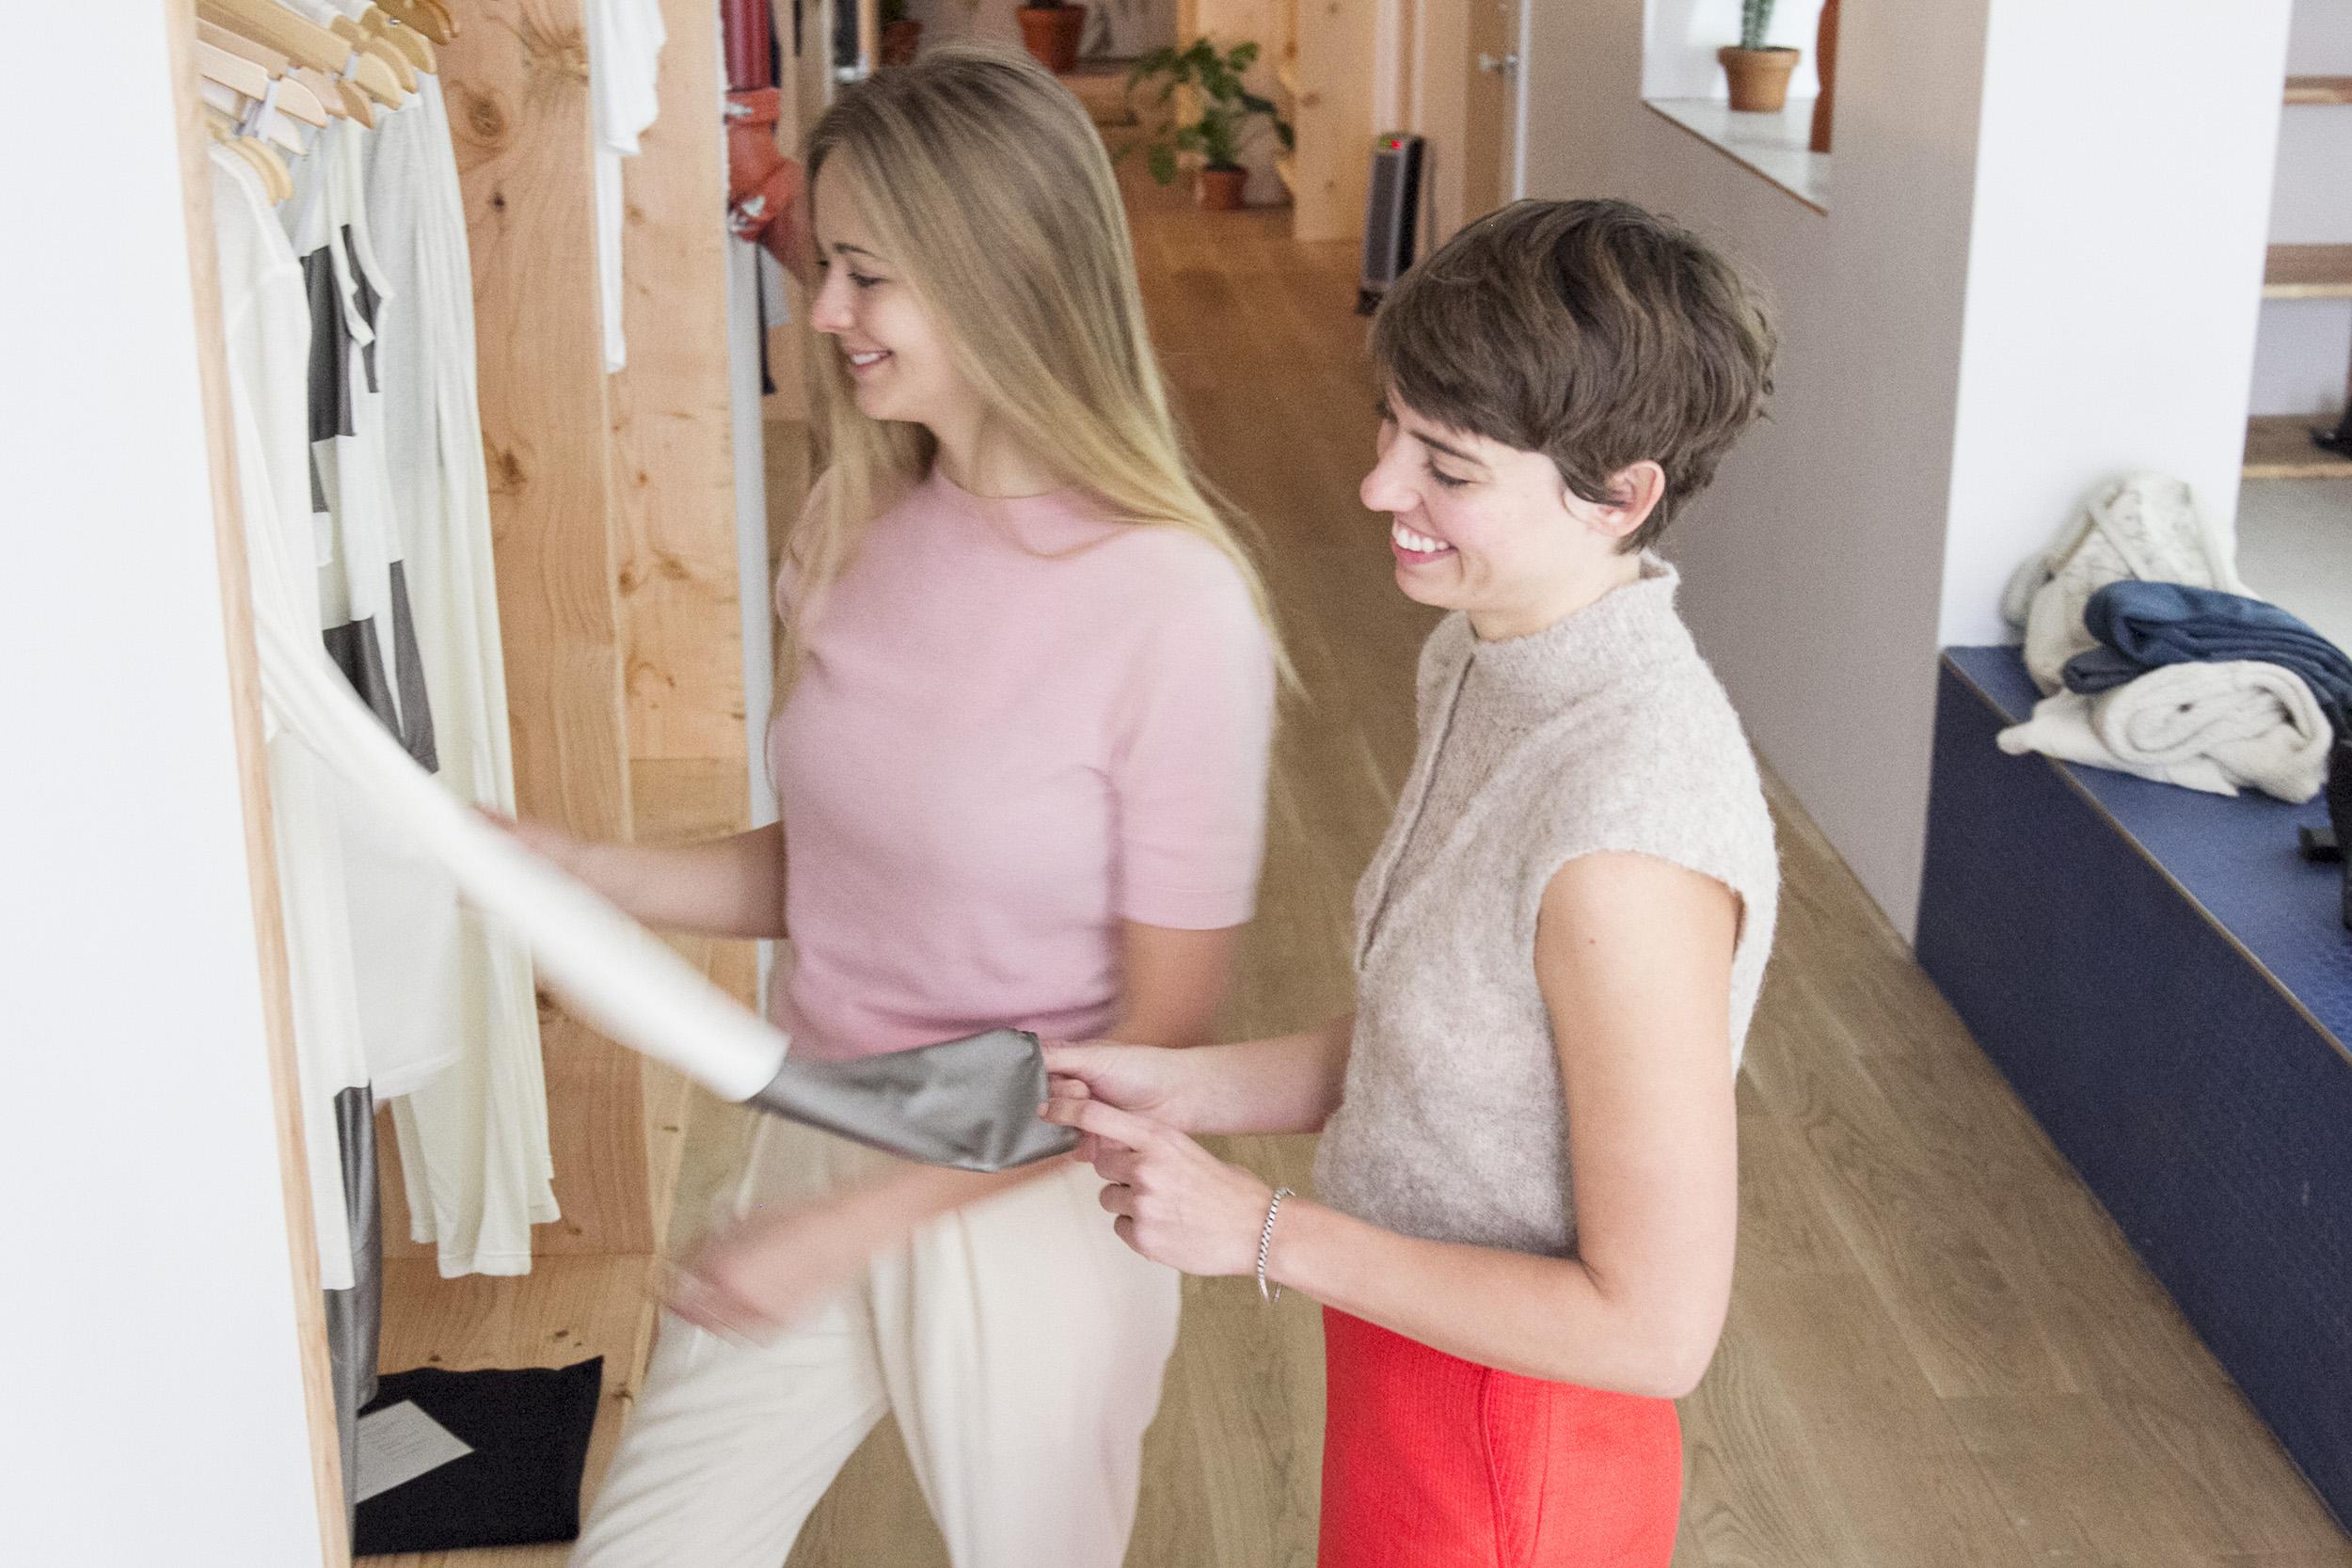 Sky Ting Yoga founders Krissy Jones and Chloe Kernaghan